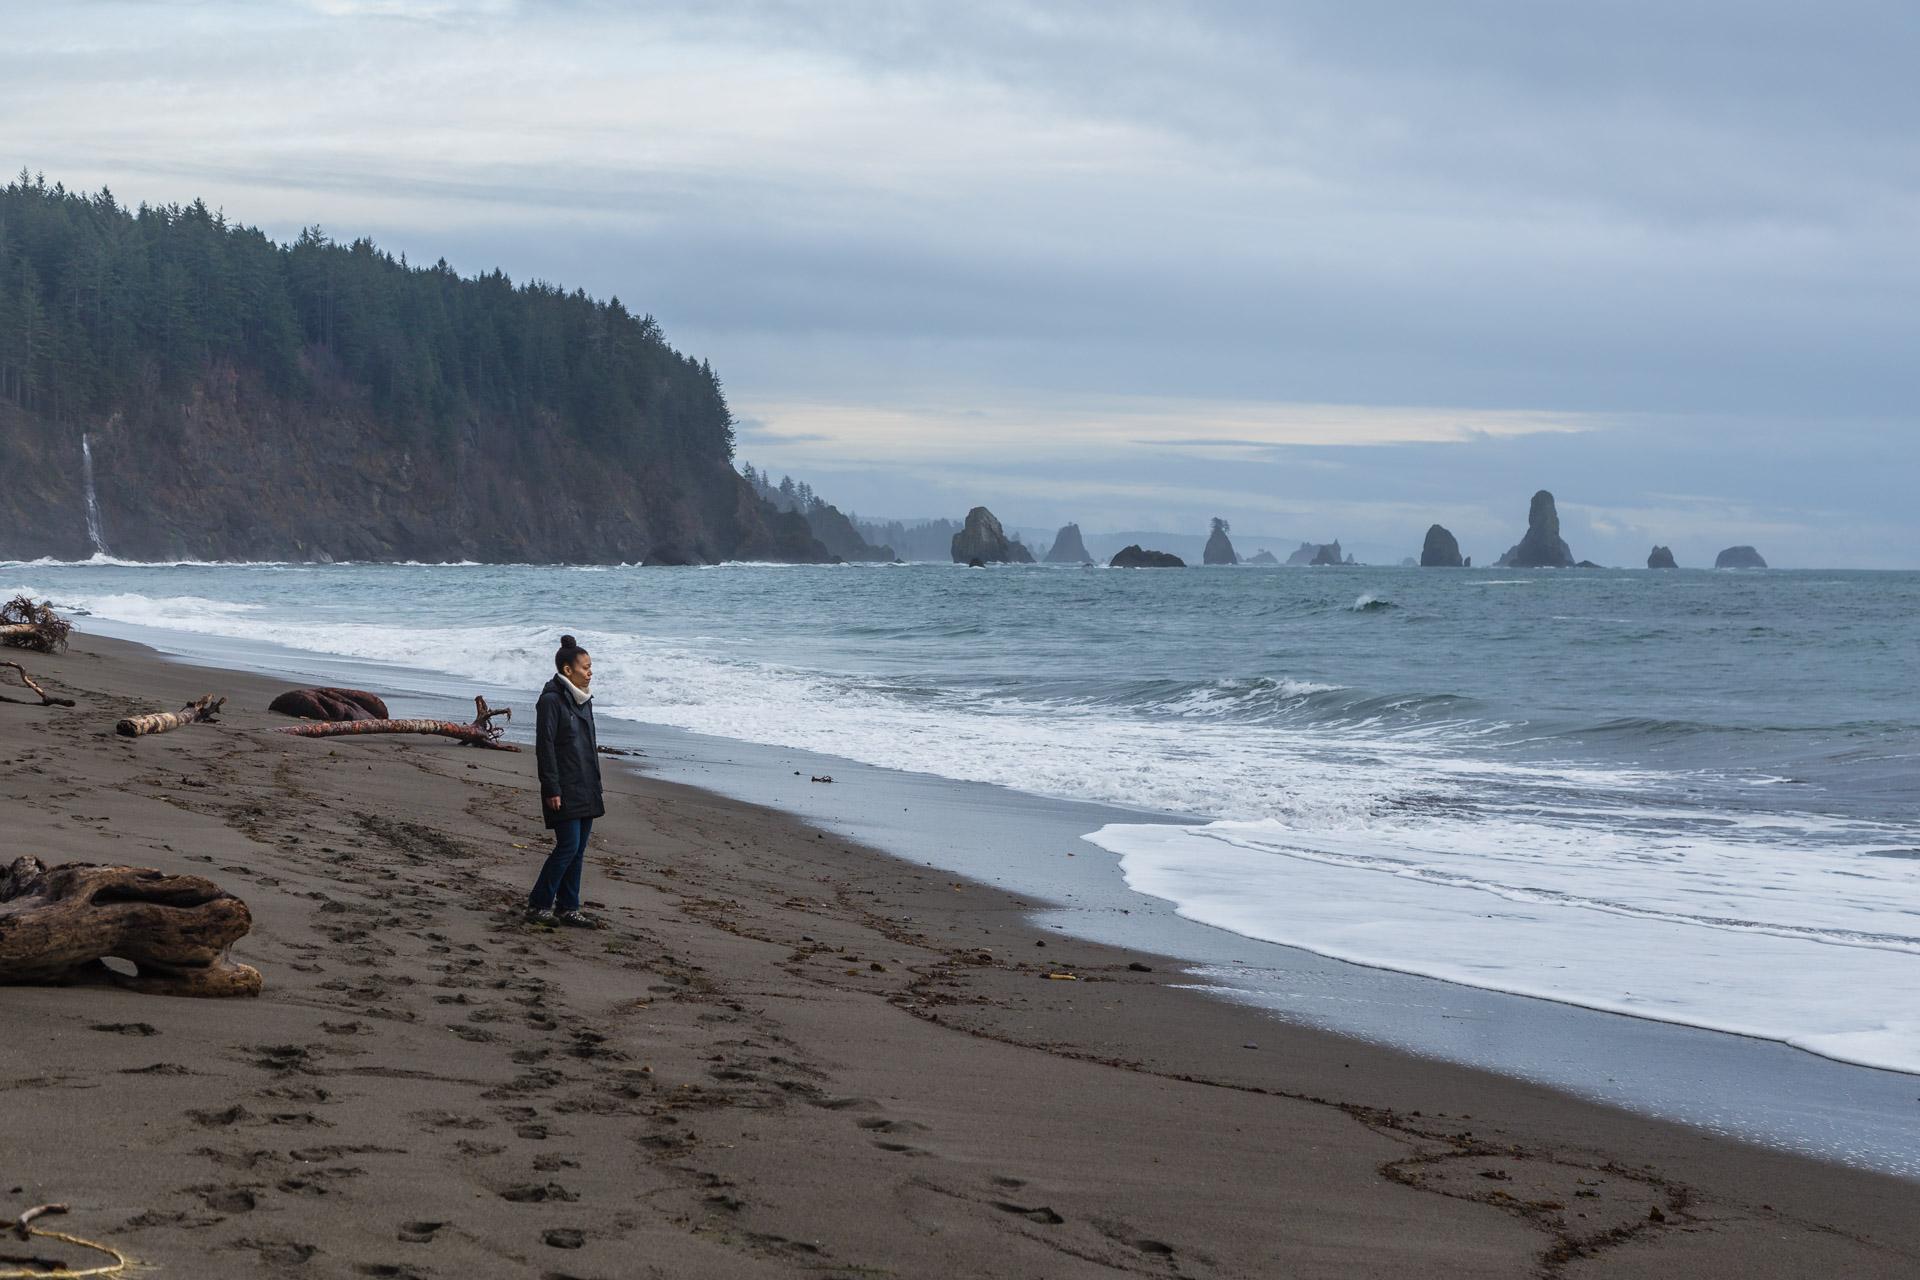 зависит пляж ла пуш штат вашингтон фото пляжу здесь принято